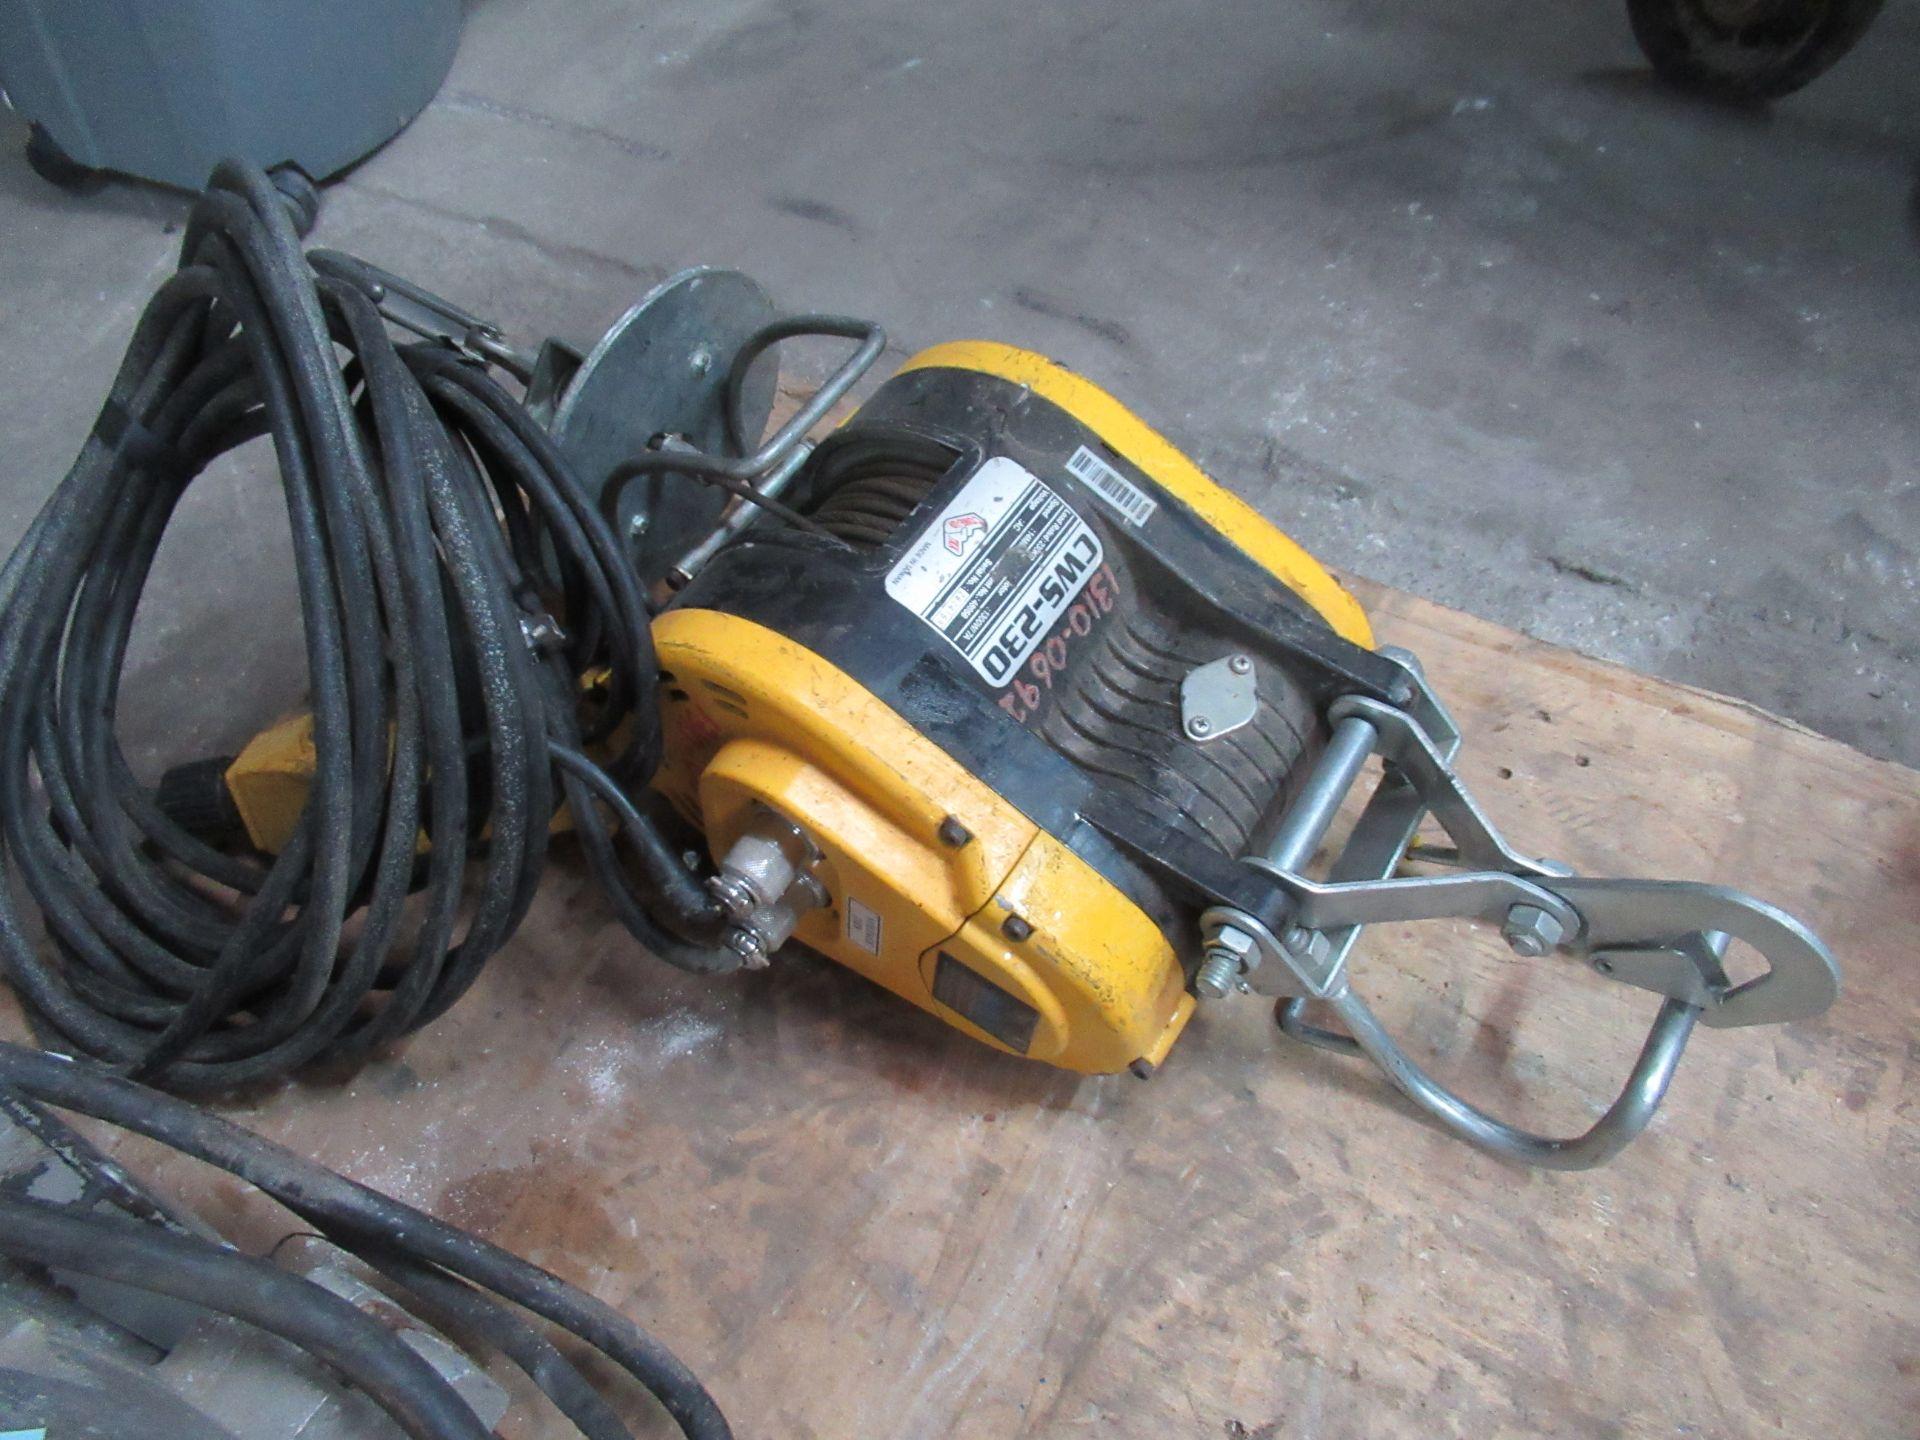 Lot 1269 - TTK CWS-230 Electric Hoist 230kg